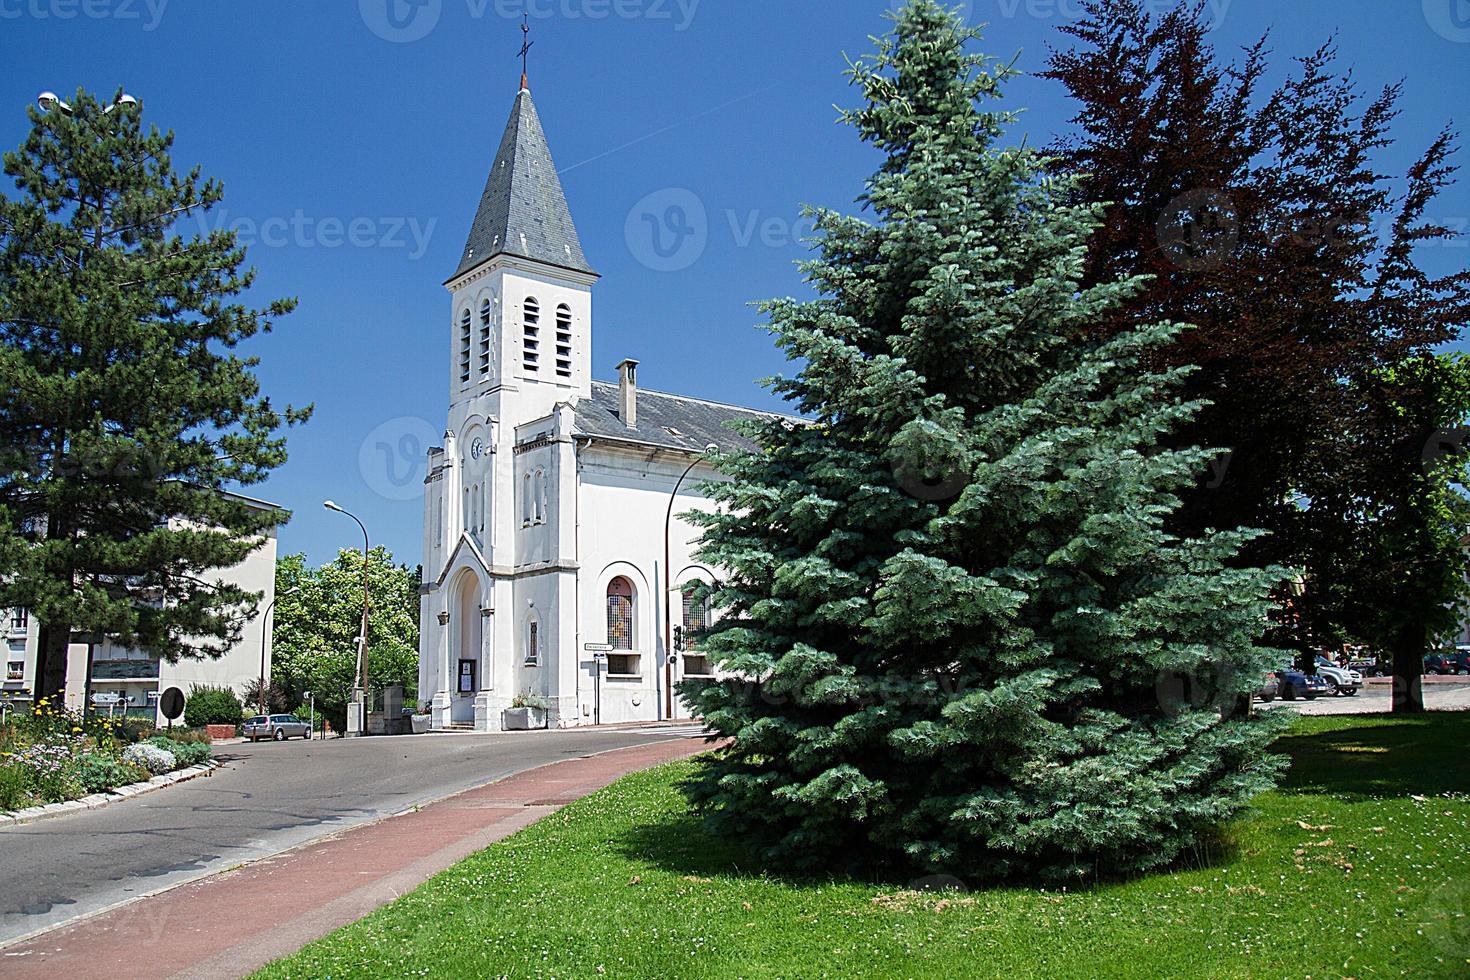 kyrkan i byn foto